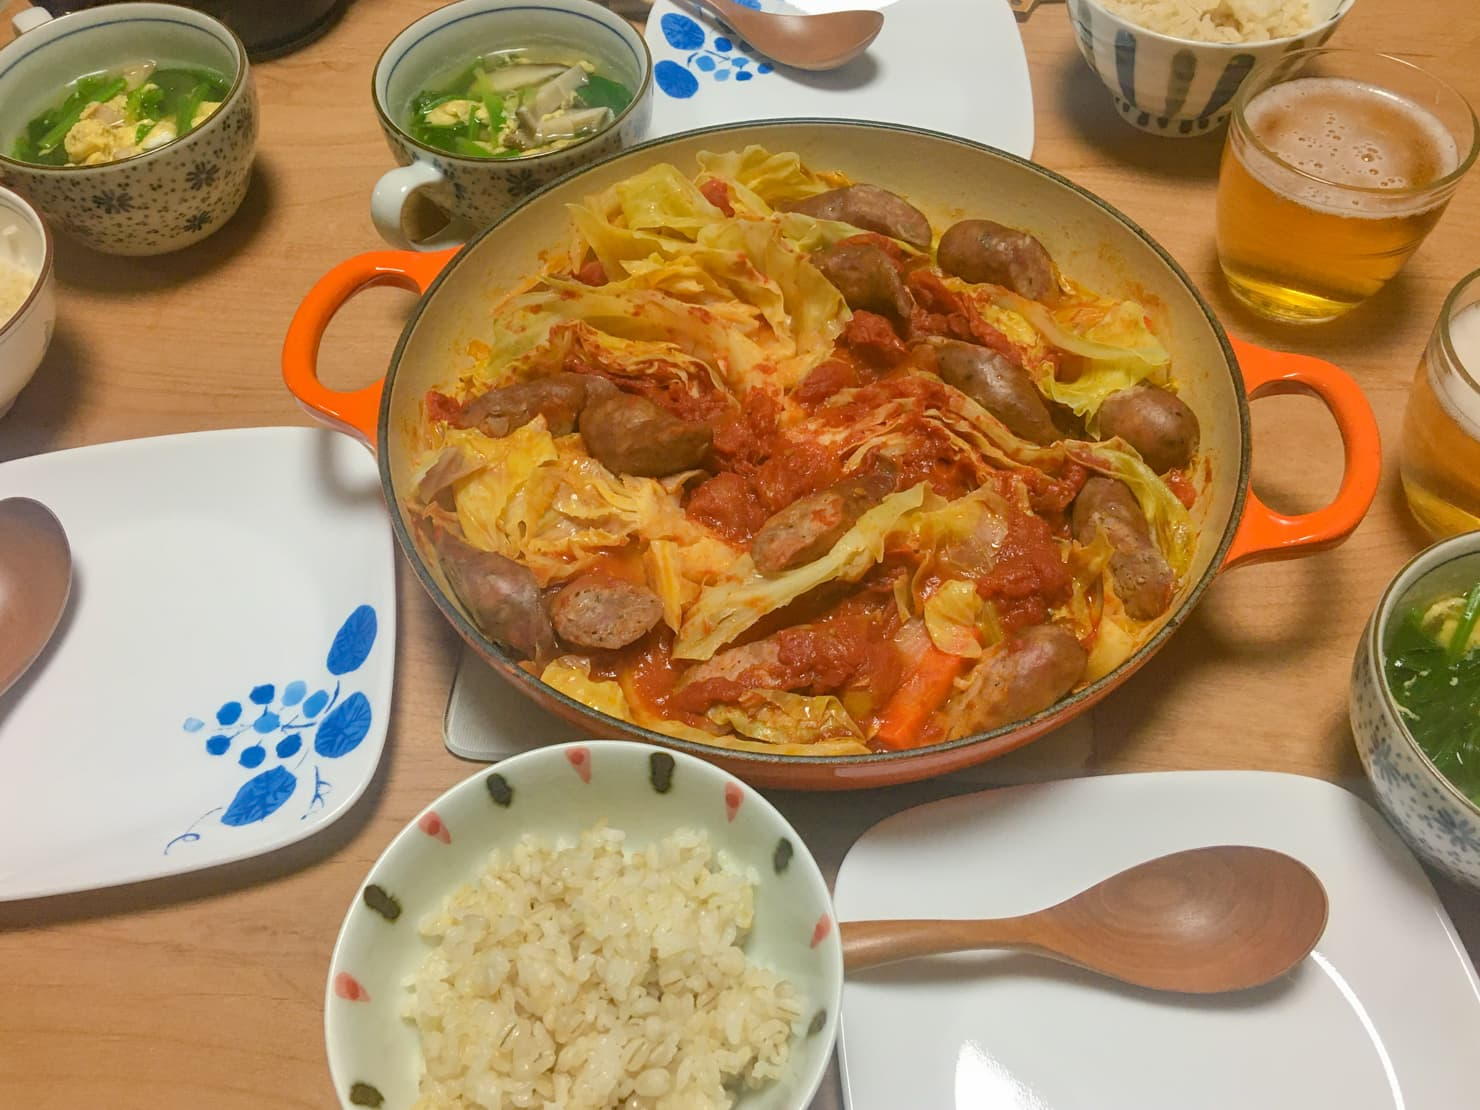 キャベツとソーセージのオイル蒸し中心の夕食の写真